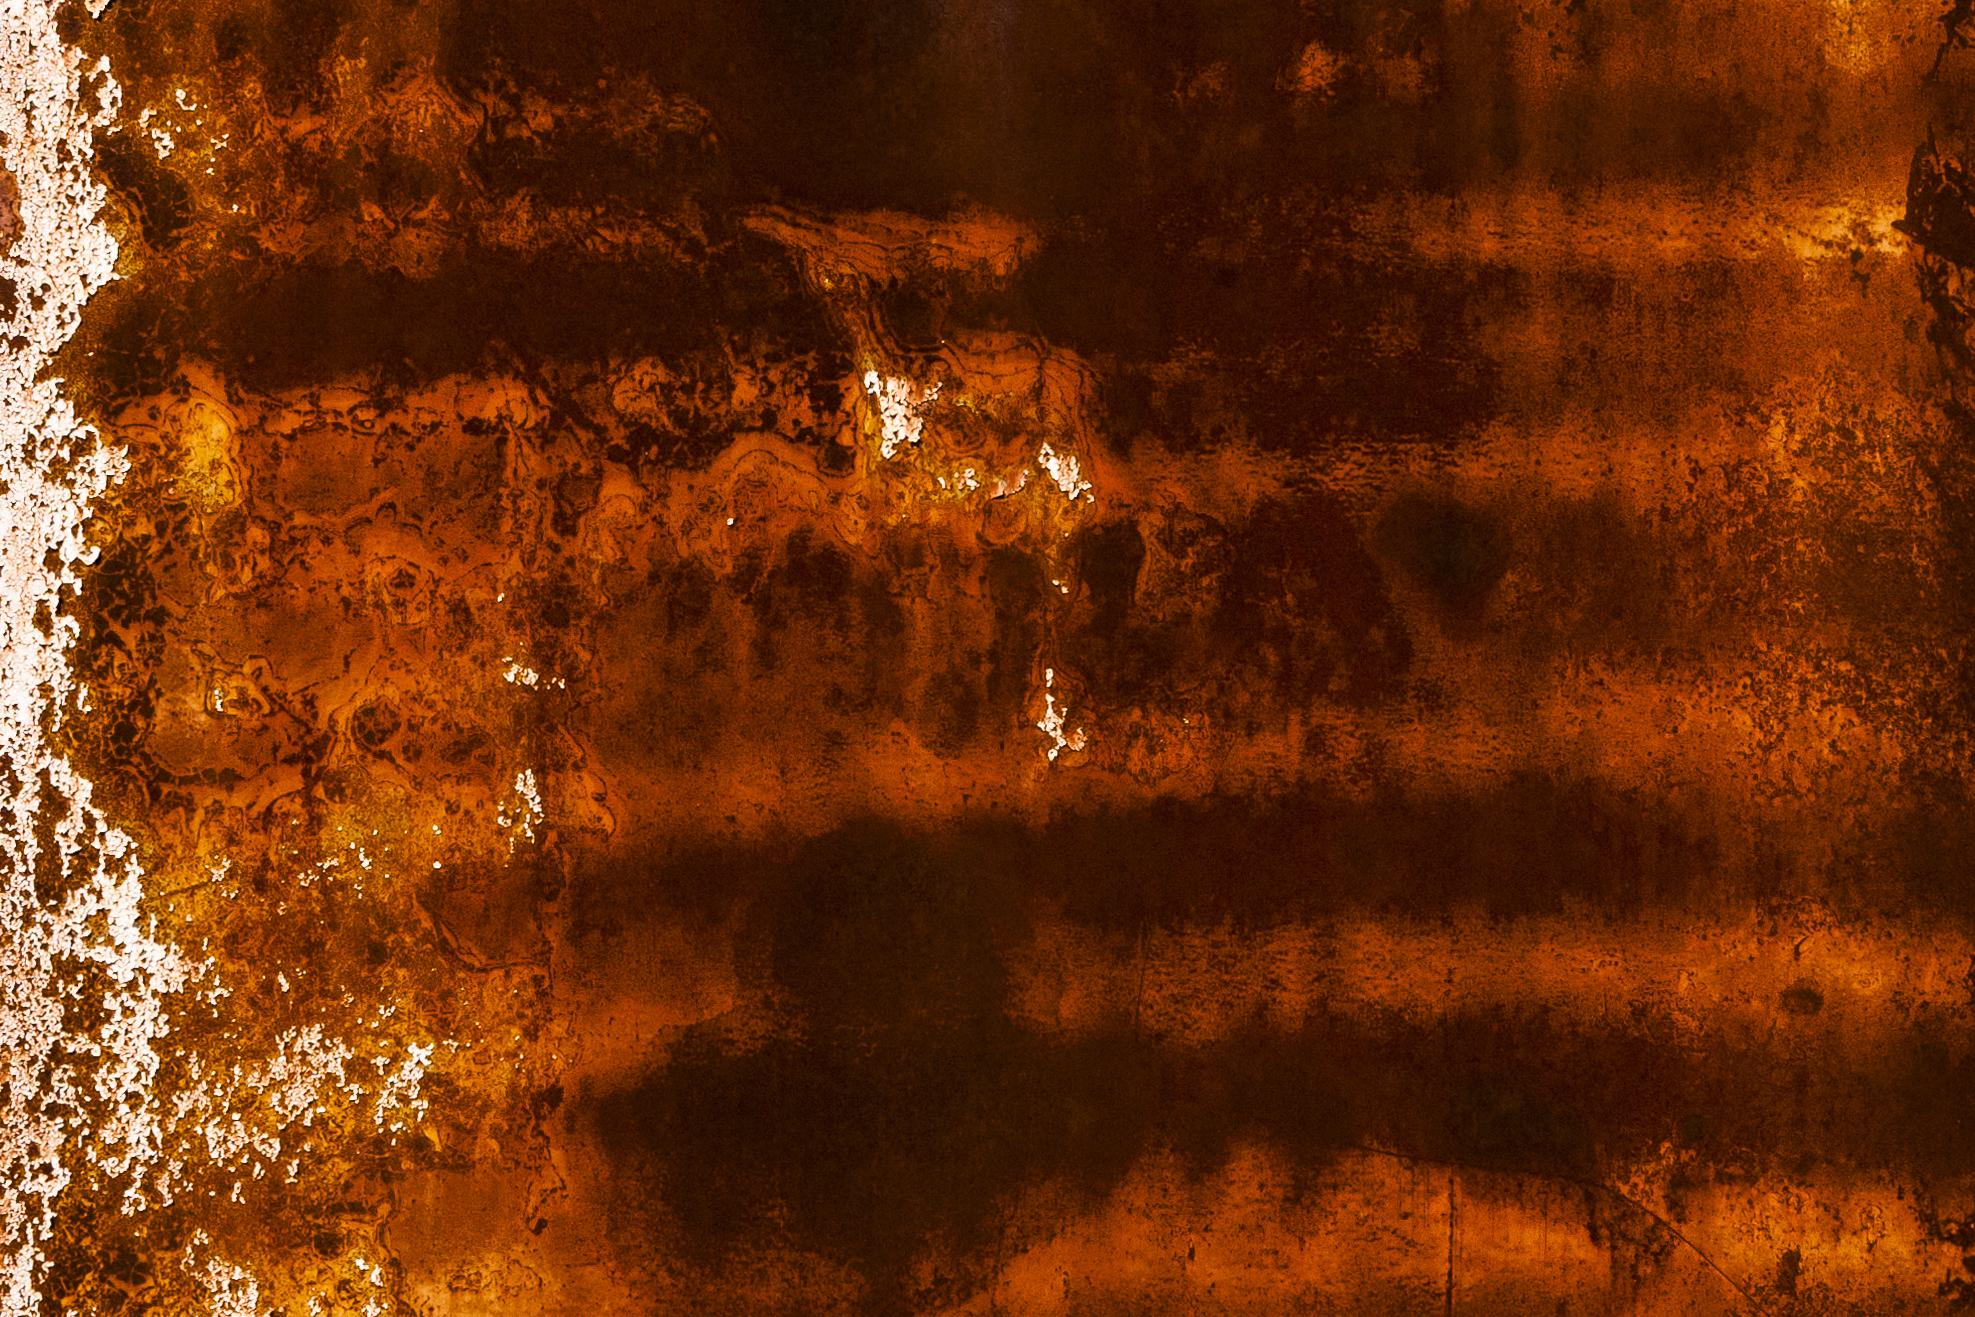 2007-03-25_RUSTED-METAL_007.JPG